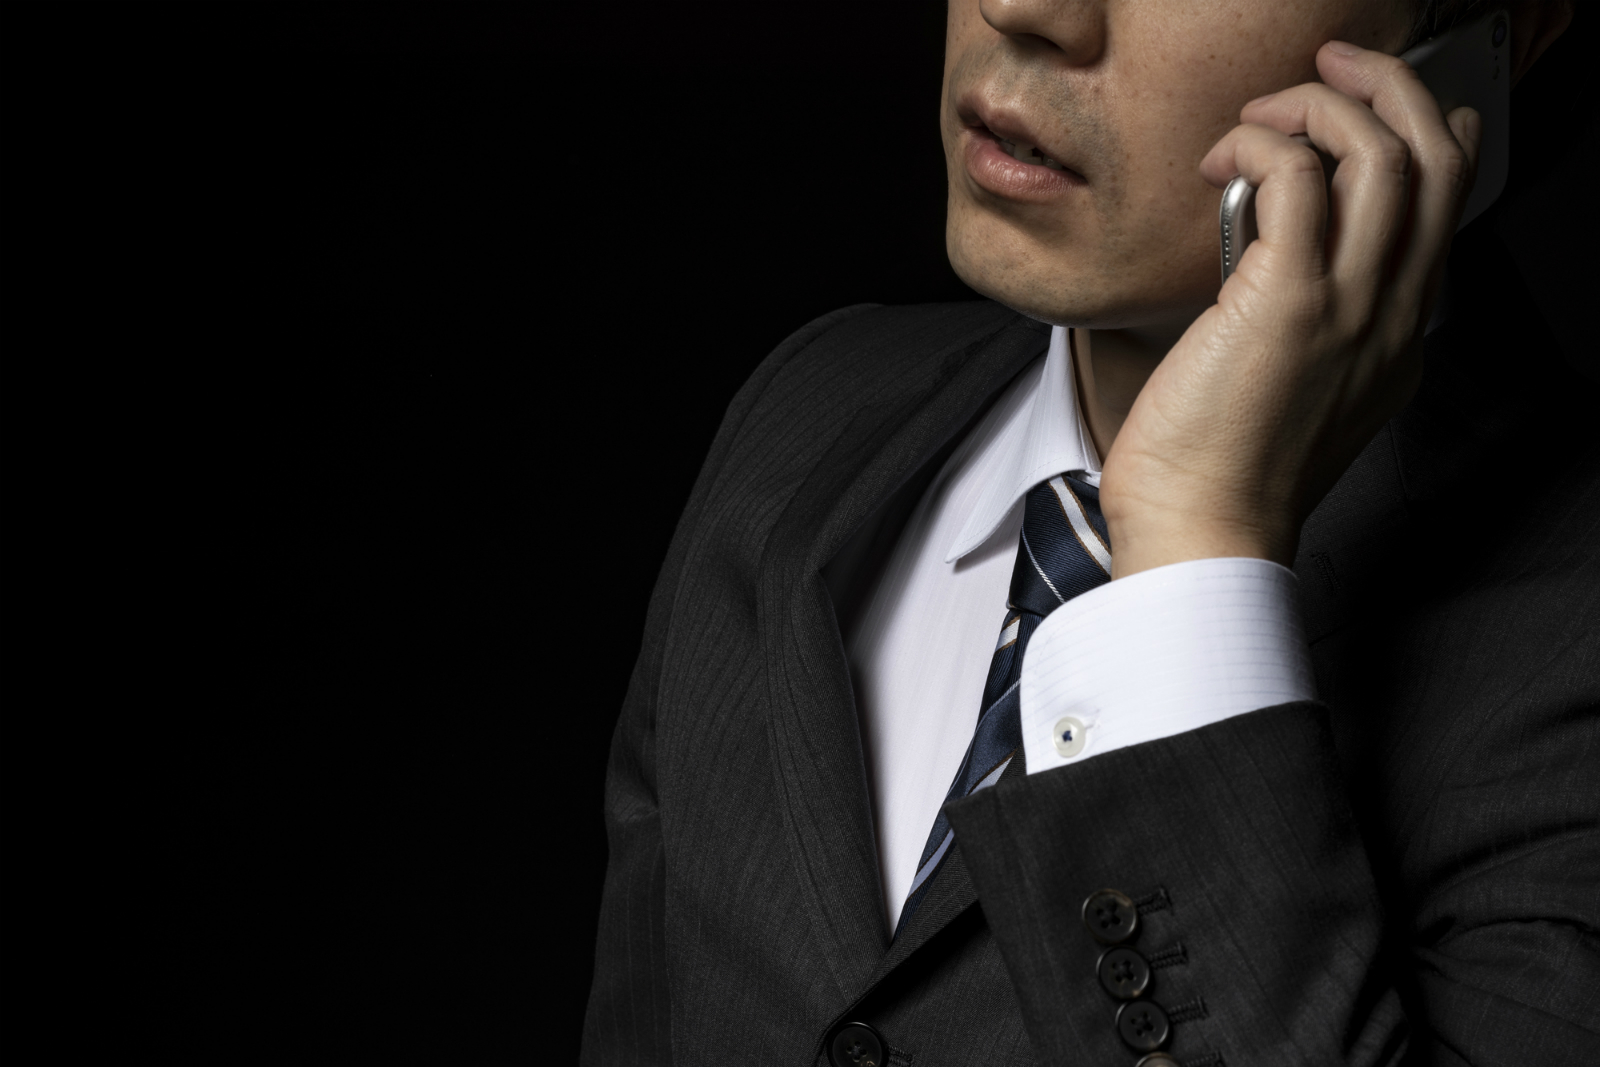 なぜ不動産会社から携帯に「売ってください」とかかってくるのか